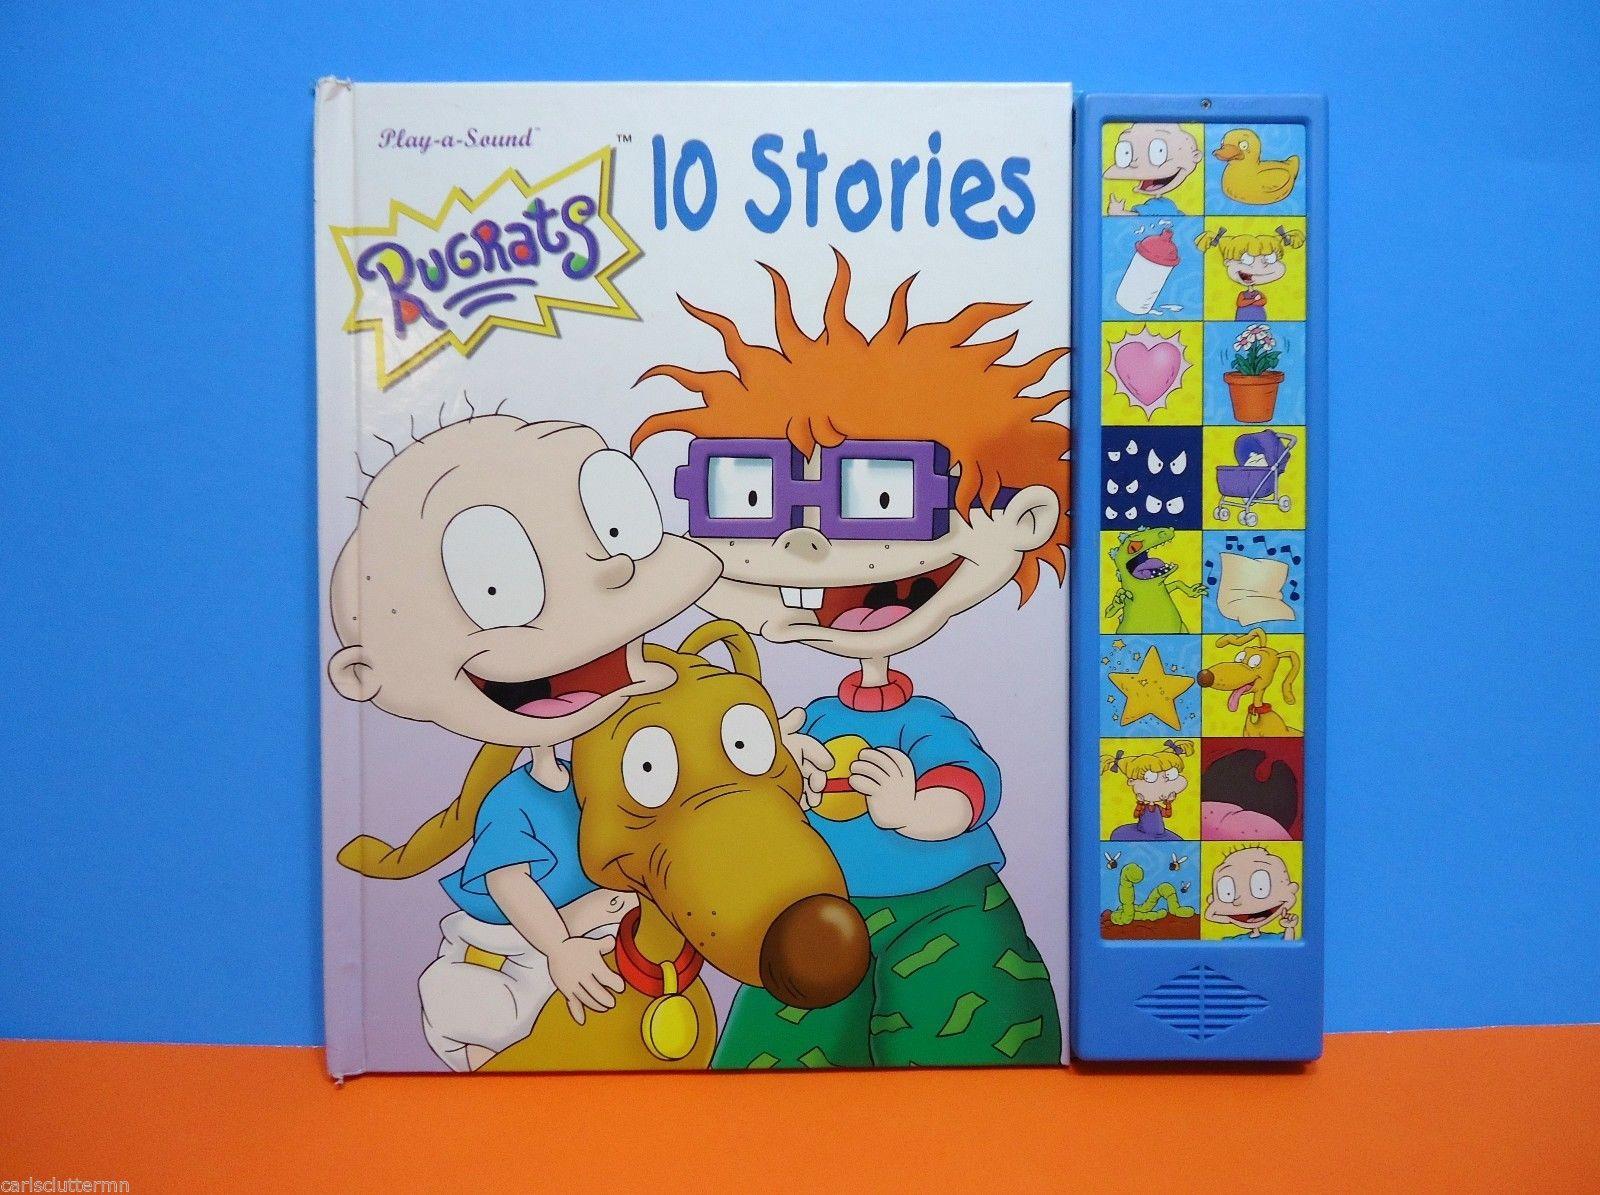 10 Stories Children's Book